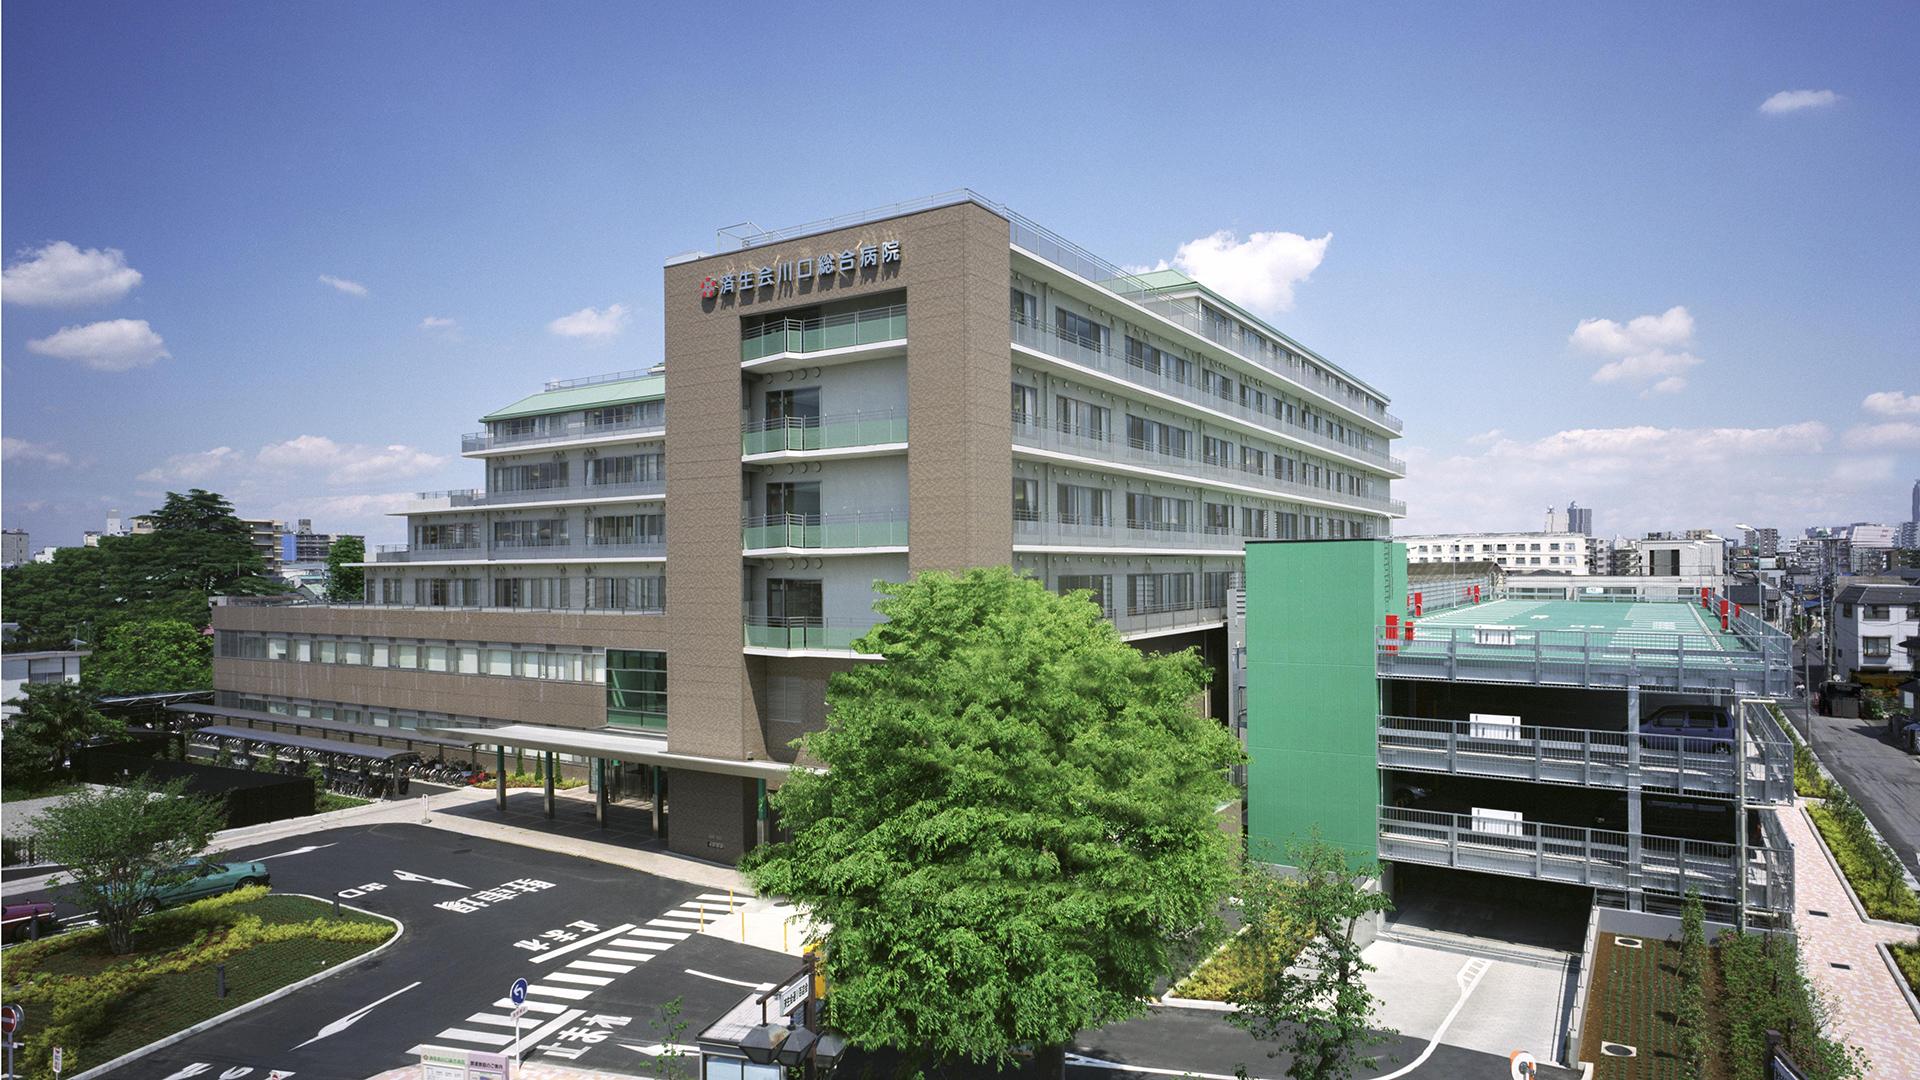 「川口総合病院」の画像検索結果